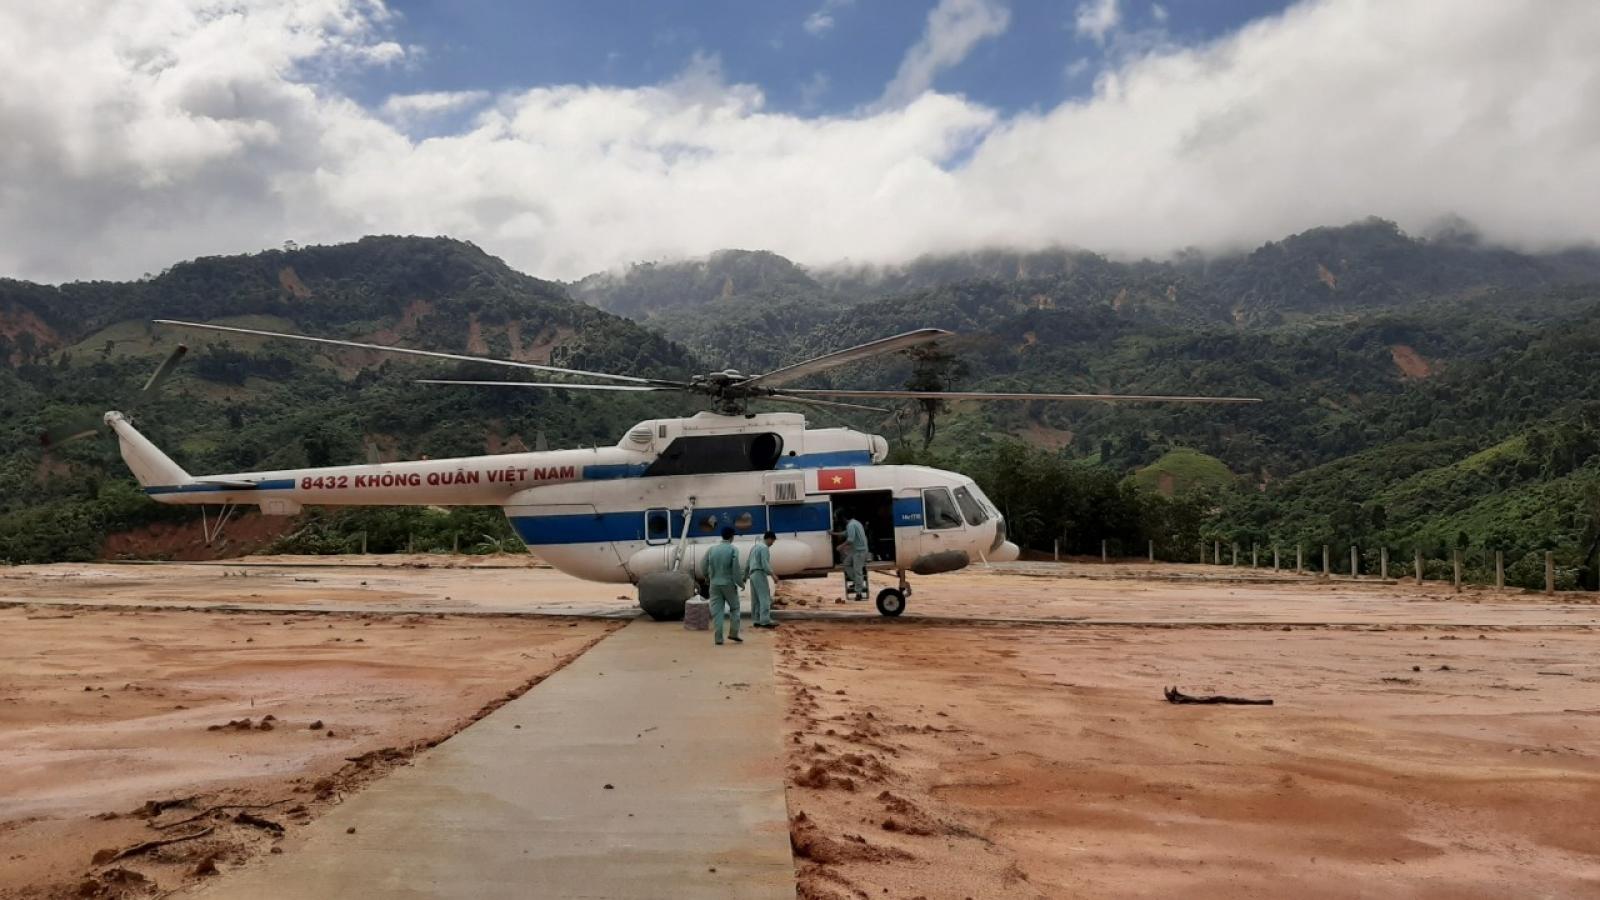 Trực thăng đưa được 4 tấn hàng cứu trợ đến 2 xã bị cô lập tại Phước Sơn